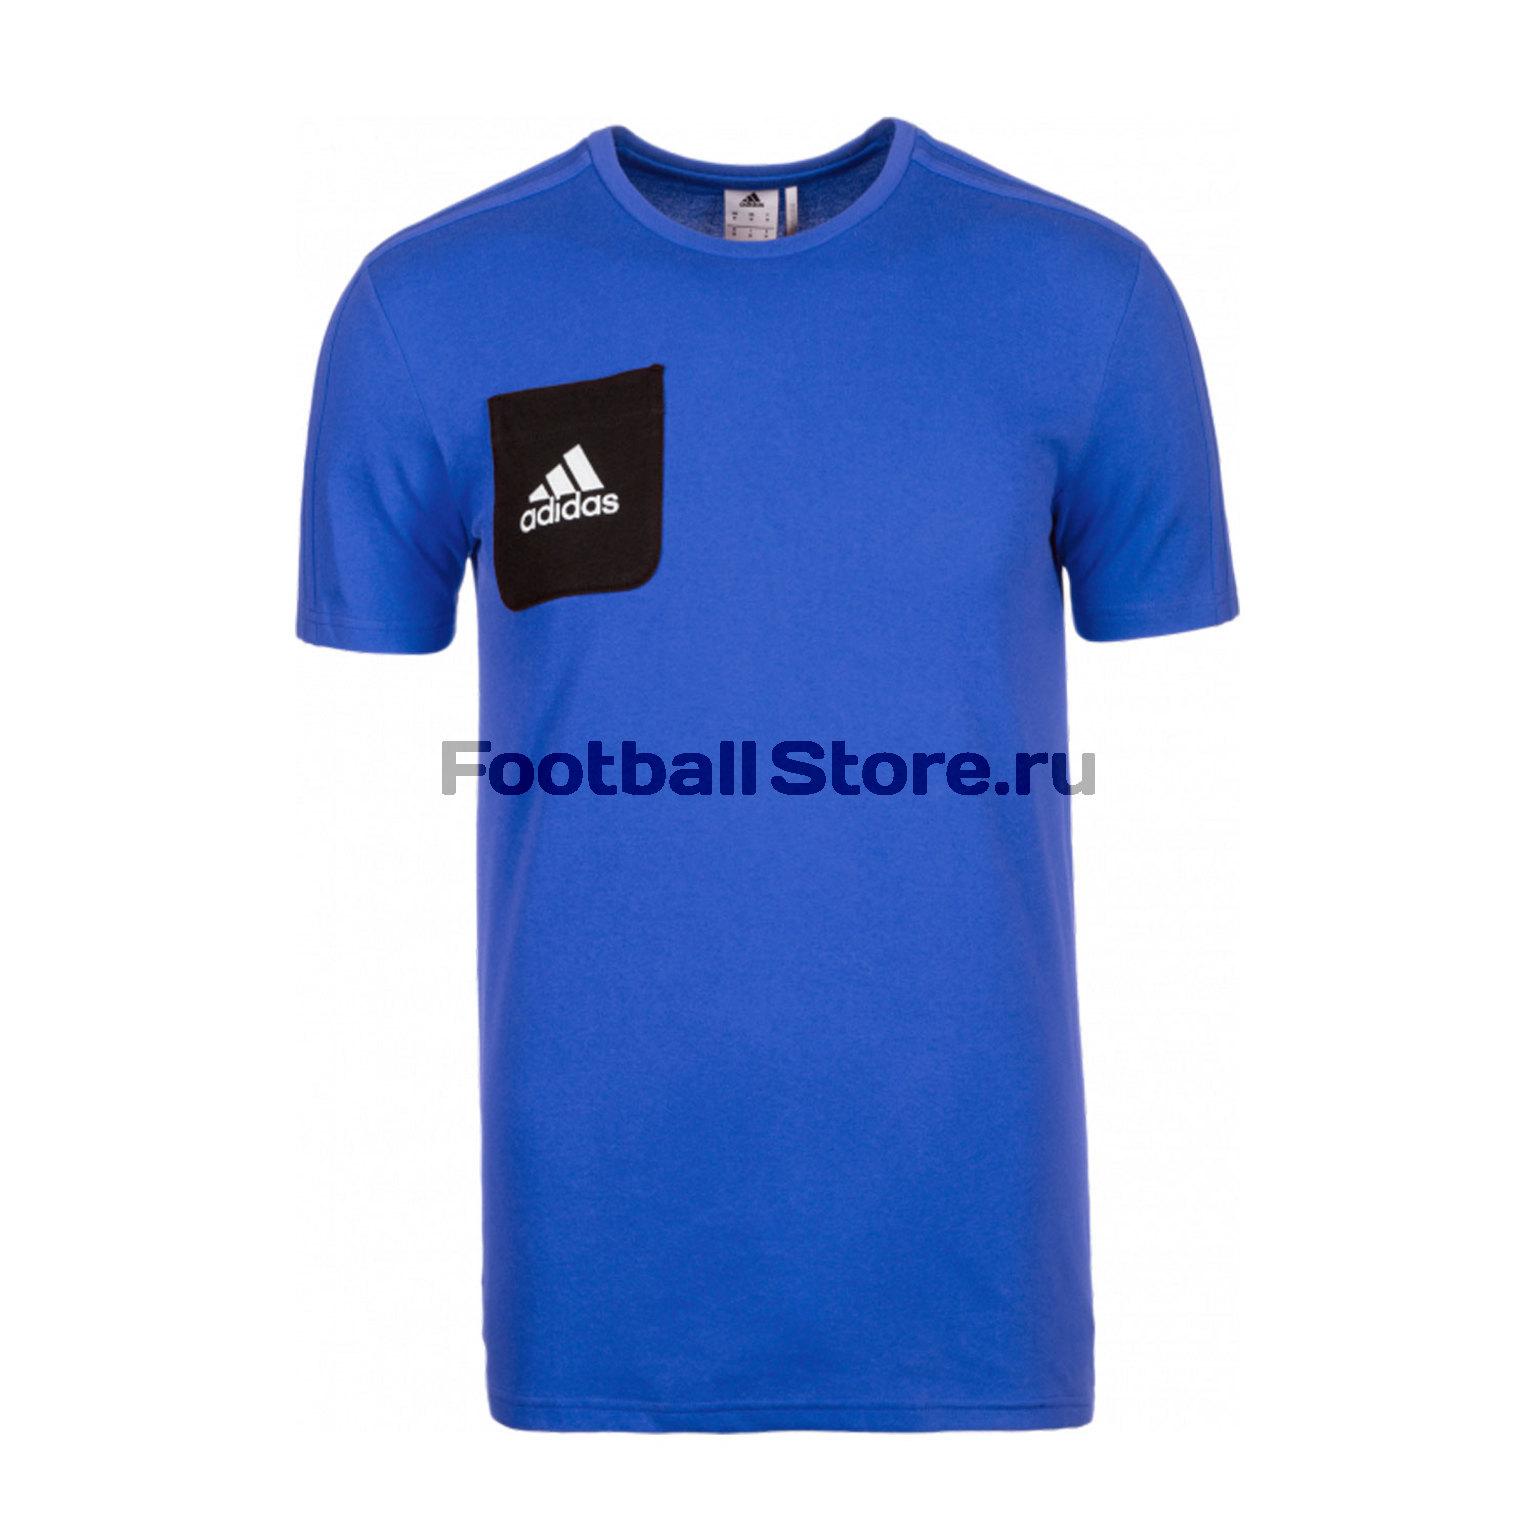 Футболка тренировочная Adidas Tiro17 Tee BQ2660